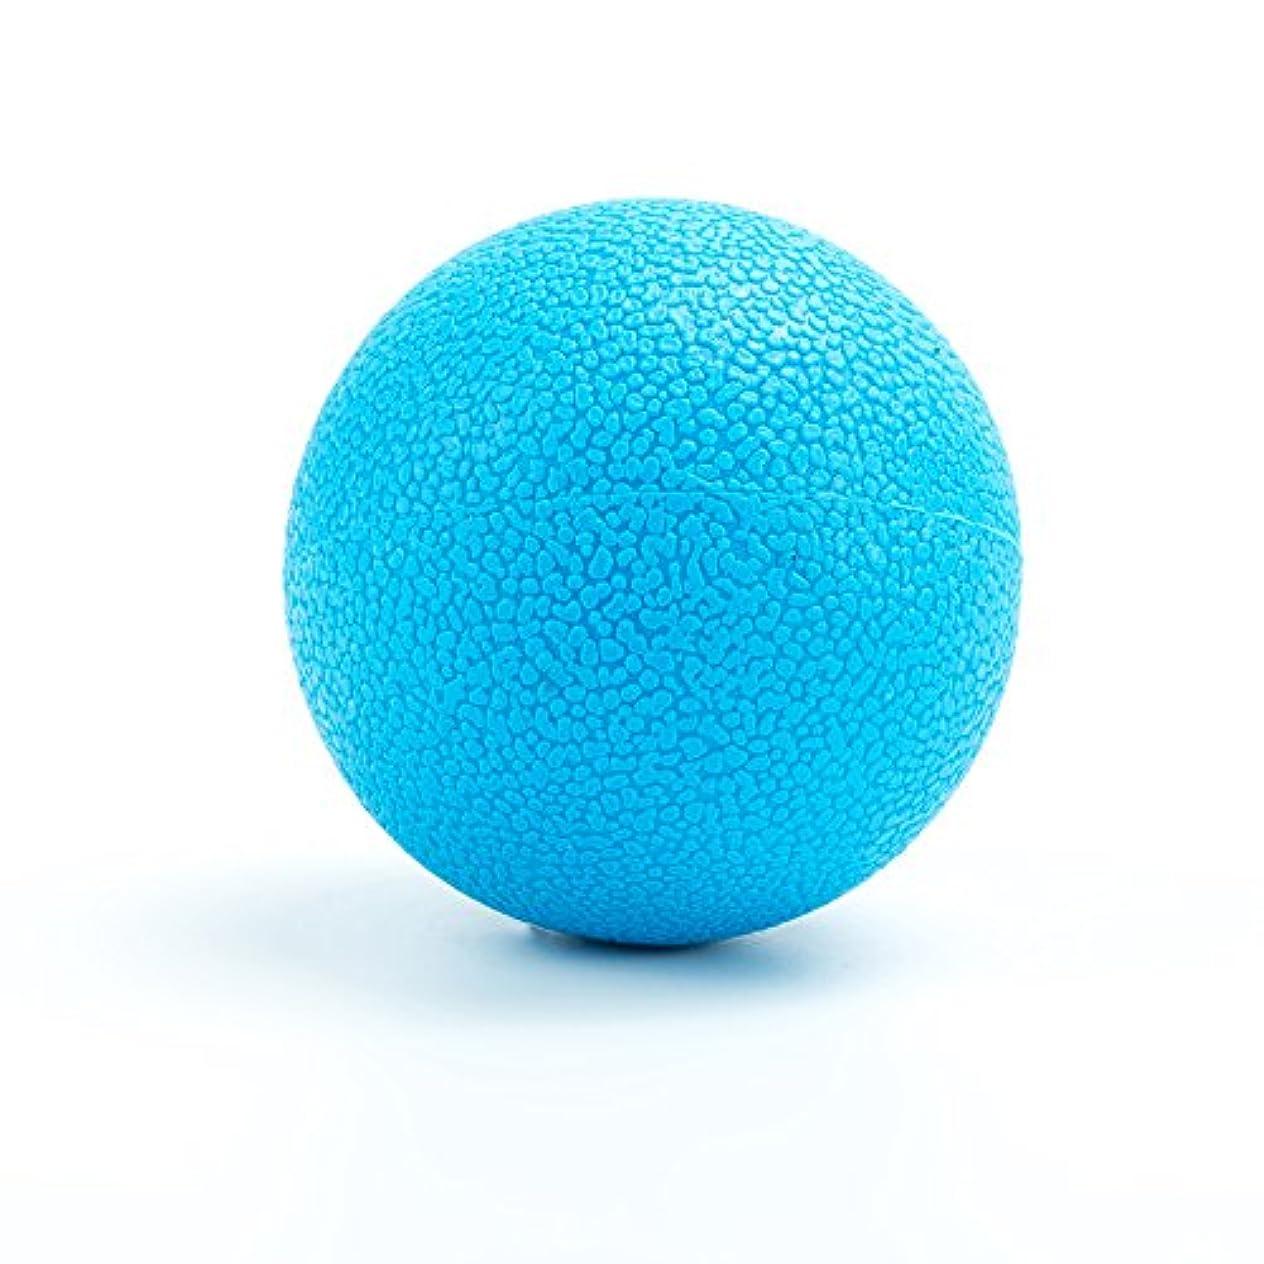 モザイクフレット流出Massage Ball マッサージボール 筋膜リリース Yoga Lacrosse Ball 背中 肩こり 腰 ふくらはぎ 足裏 ツボ押しグッズ